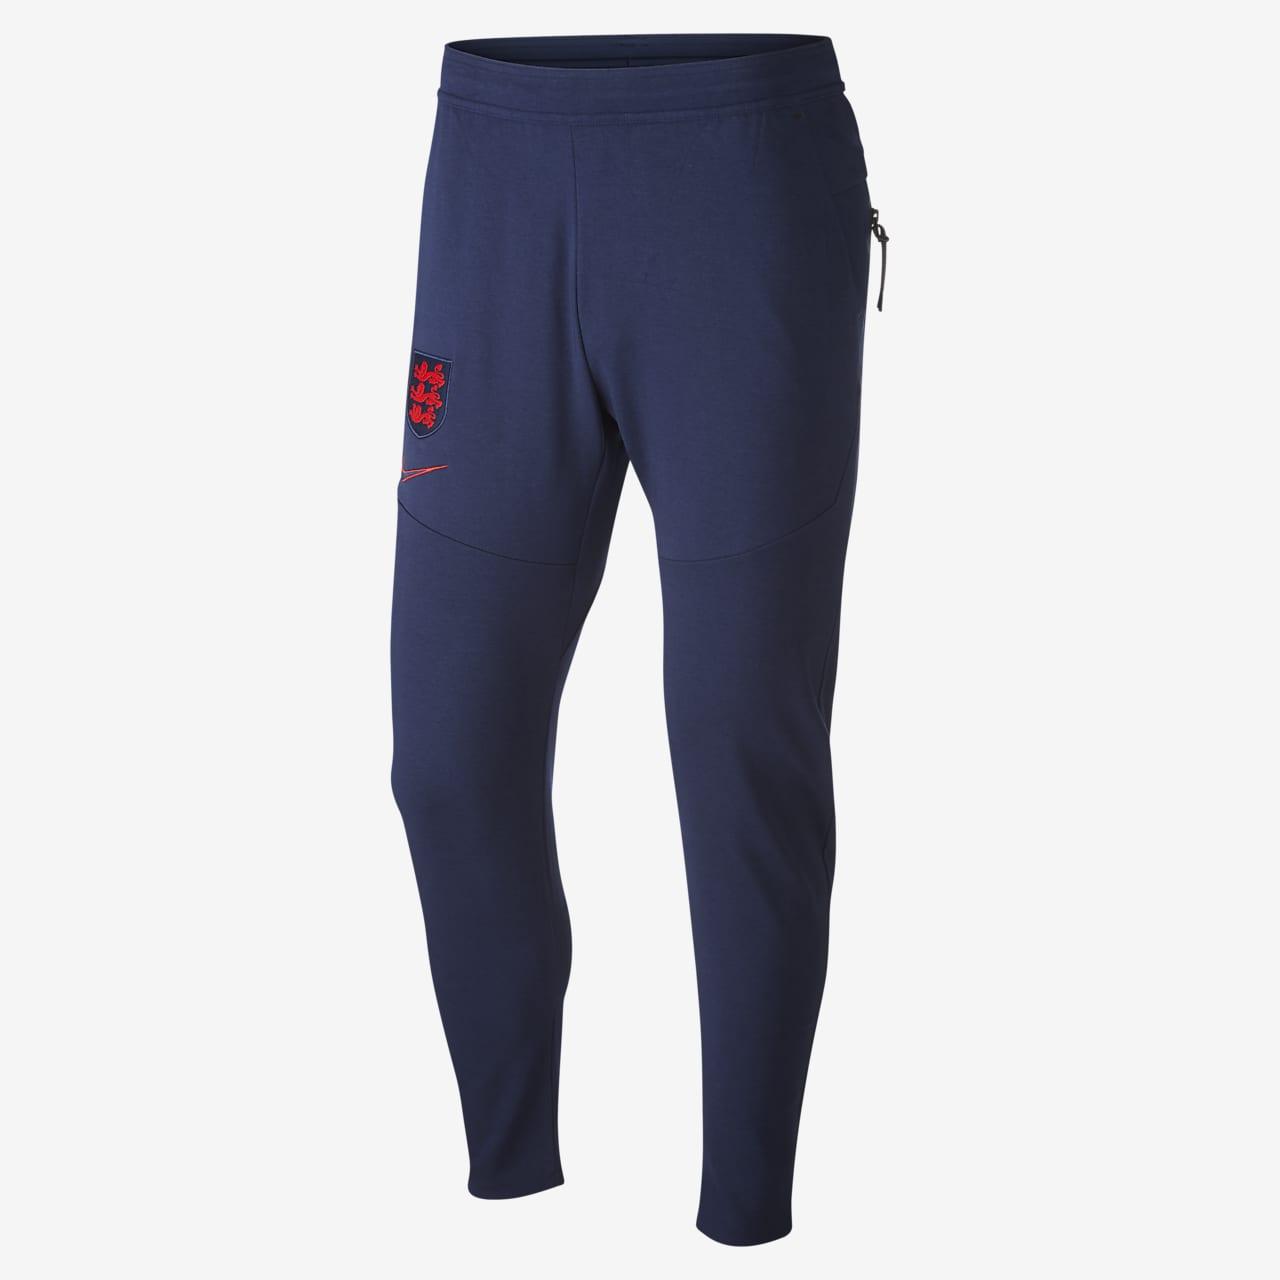 Spodnie męskie Anglia Tech Pack